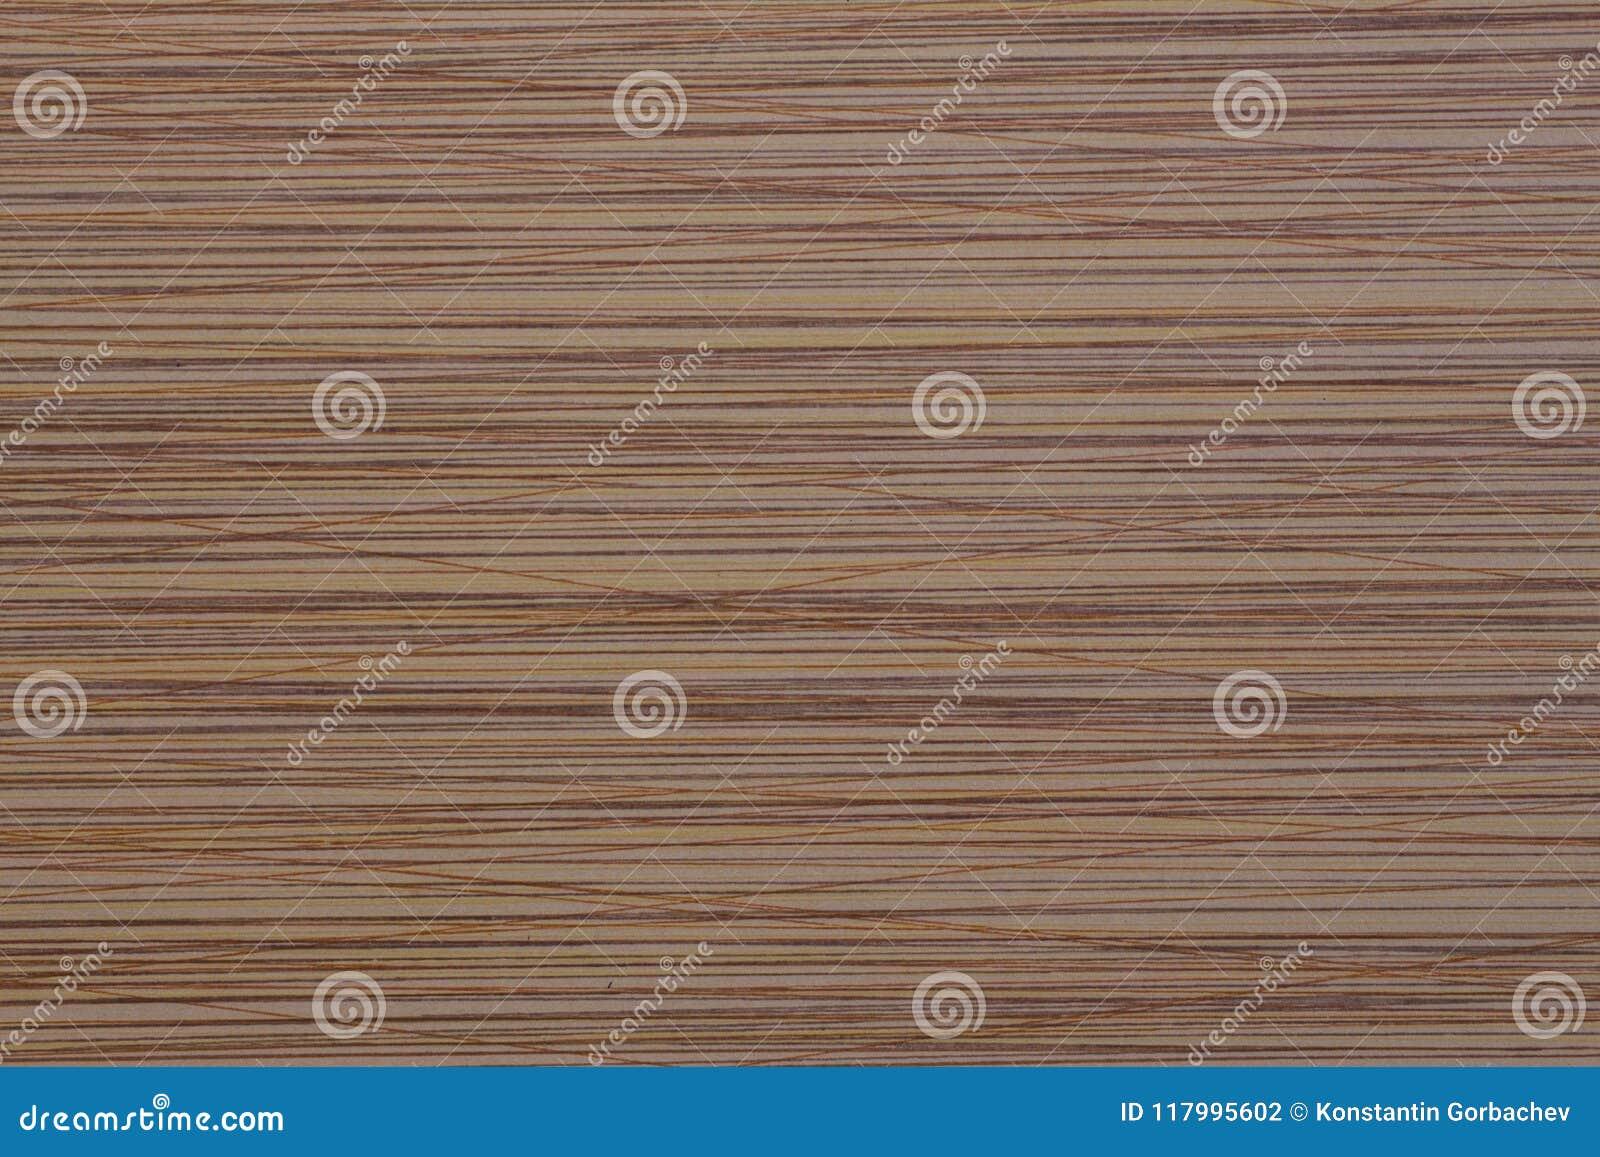 Выбитая поверхность коричневого цвета текстуры с хаотическими нашивками